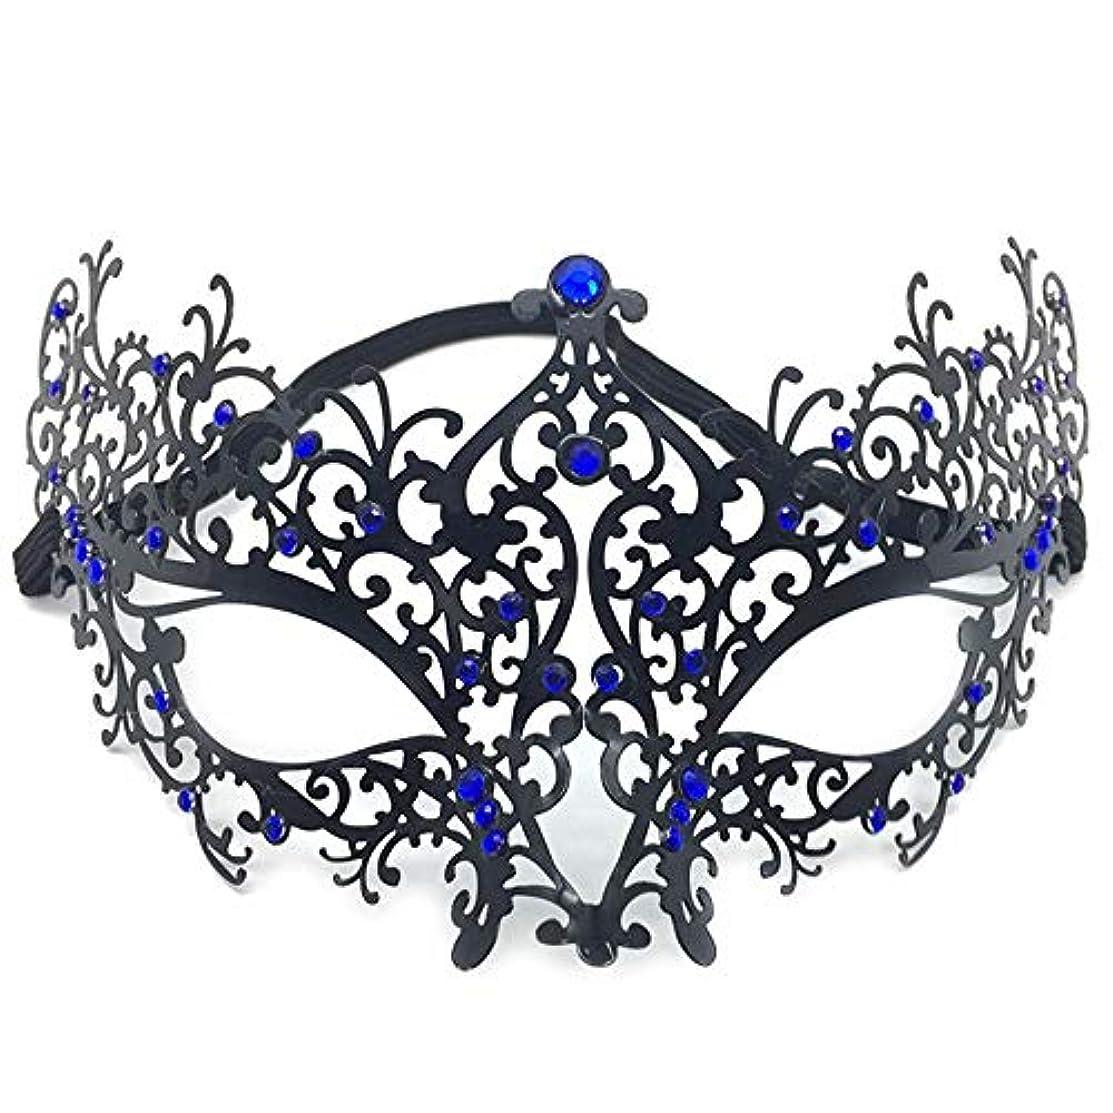 費用湿原カメラ仮面舞踏会アイアンマスクパーティーCOSはメタリックダイヤモンドハーフフェイスハロウィンアイアンマスクをドレスアップ (Color : A)